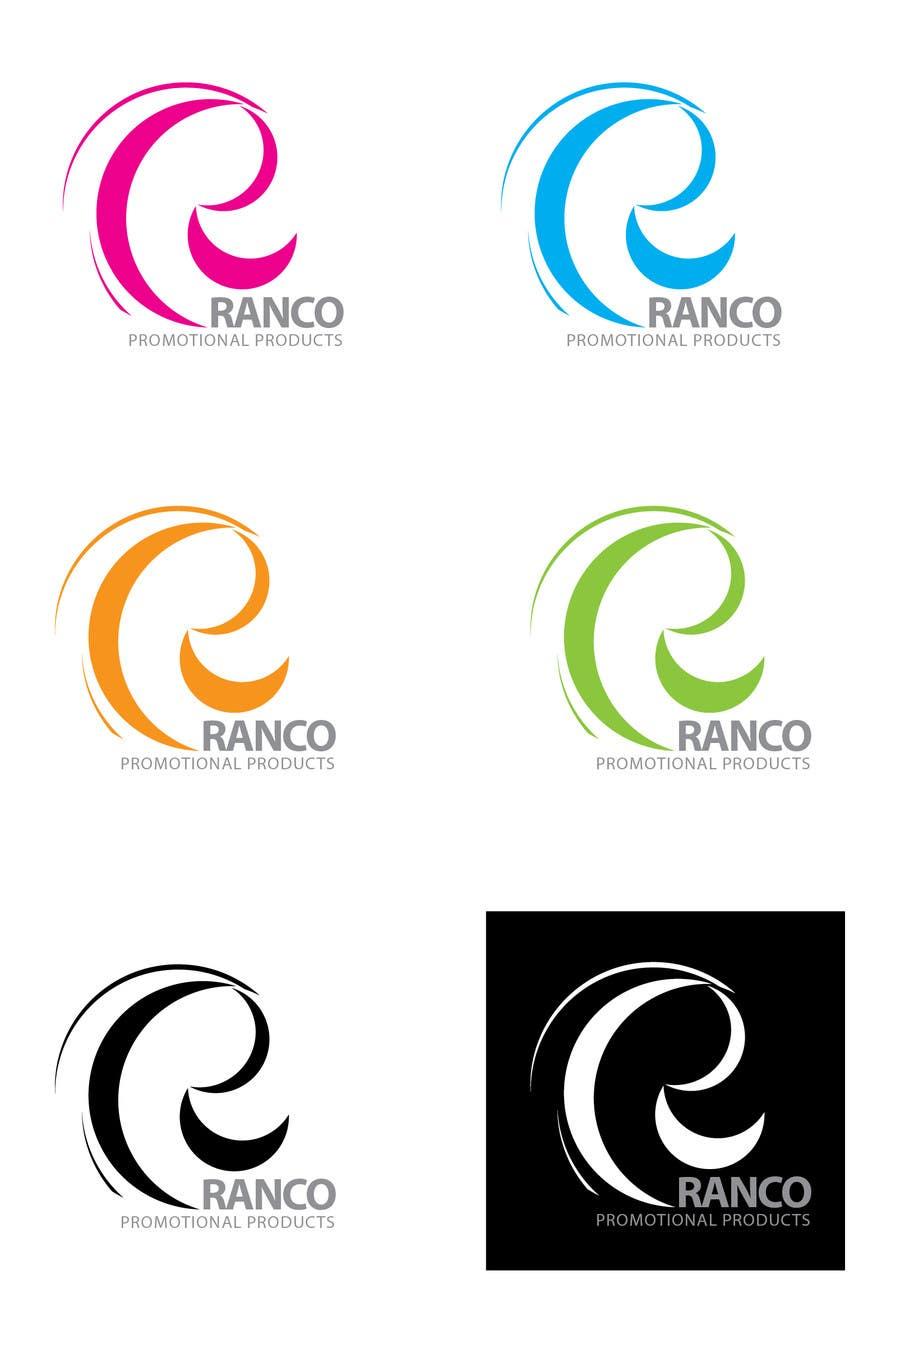 Konkurrenceindlæg #                                        16                                      for                                         Logo Design for Ranco